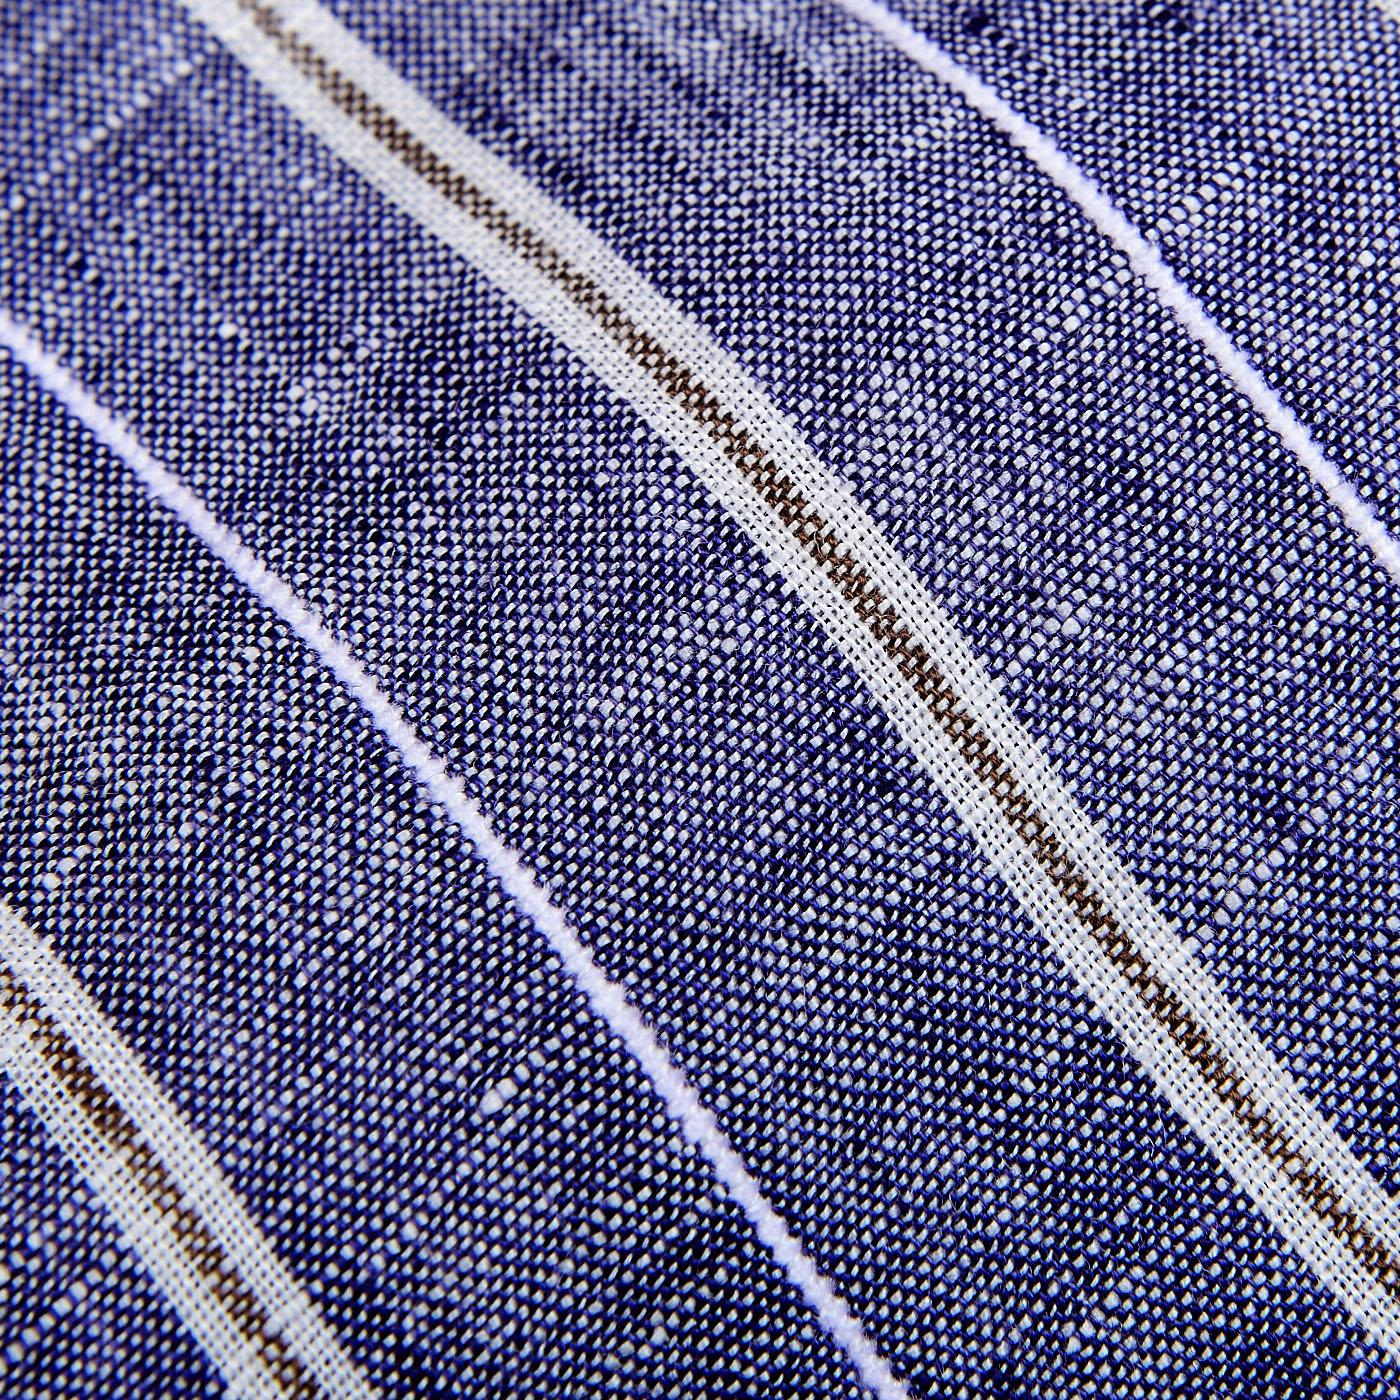 Stenströms Blue Vintage Striped Linen Slimline Shirt Fabric